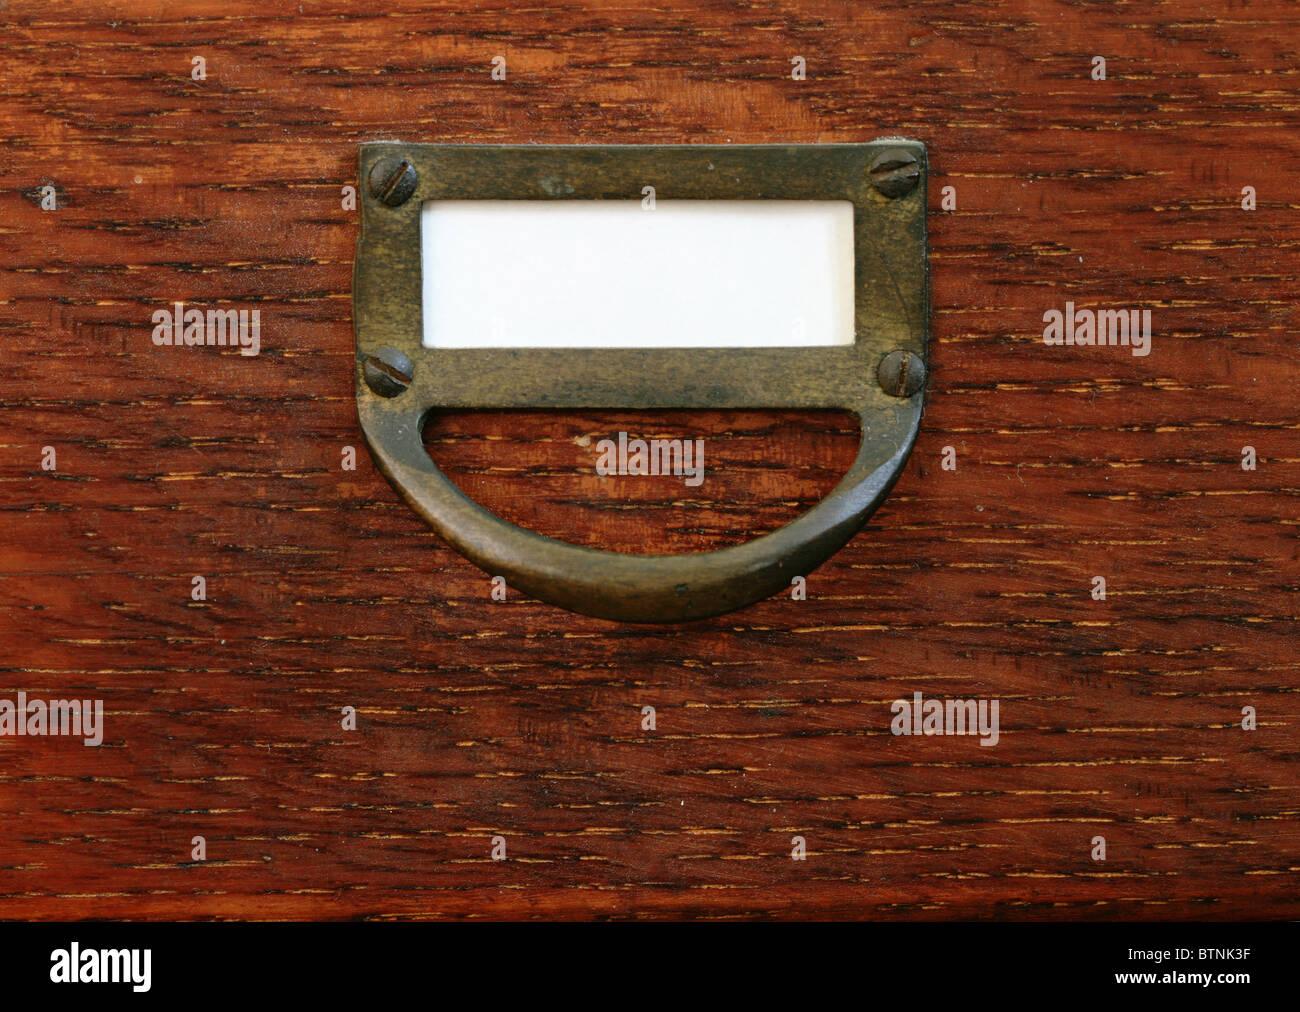 Il legno vecchio catalogo a schede con cassetto vuoto etichetta bianca e tirare in ottone Immagini Stock